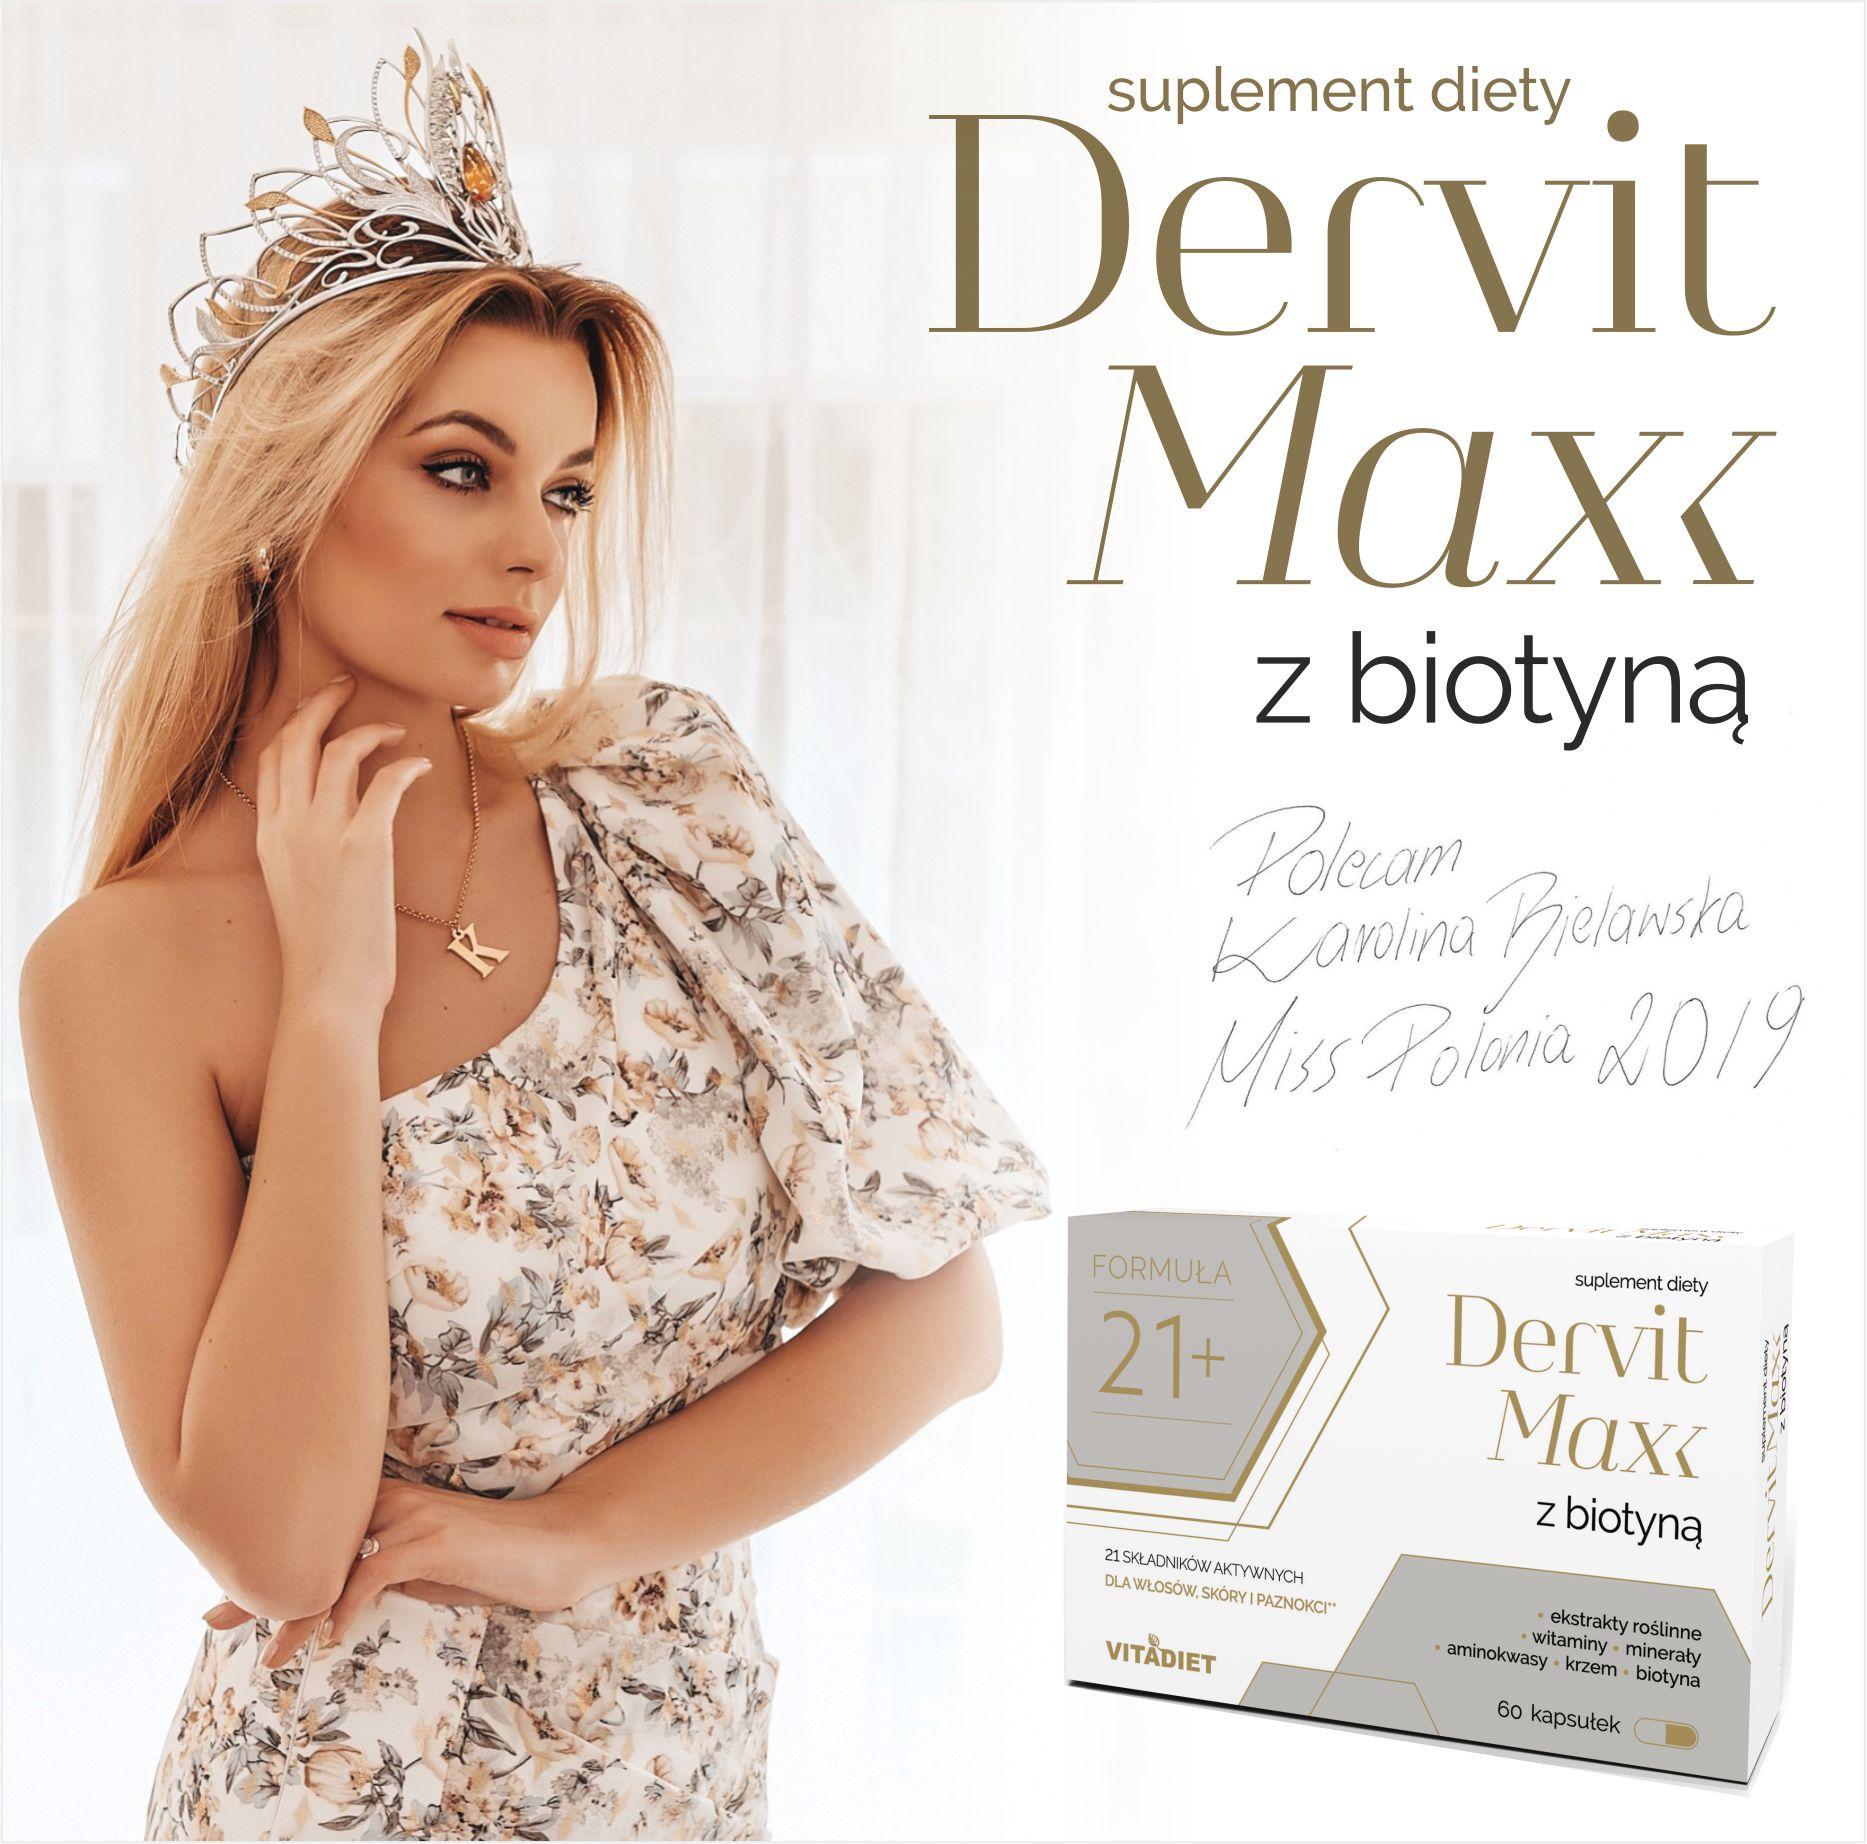 dervit max z biotyna miss polonia karolina bielawska